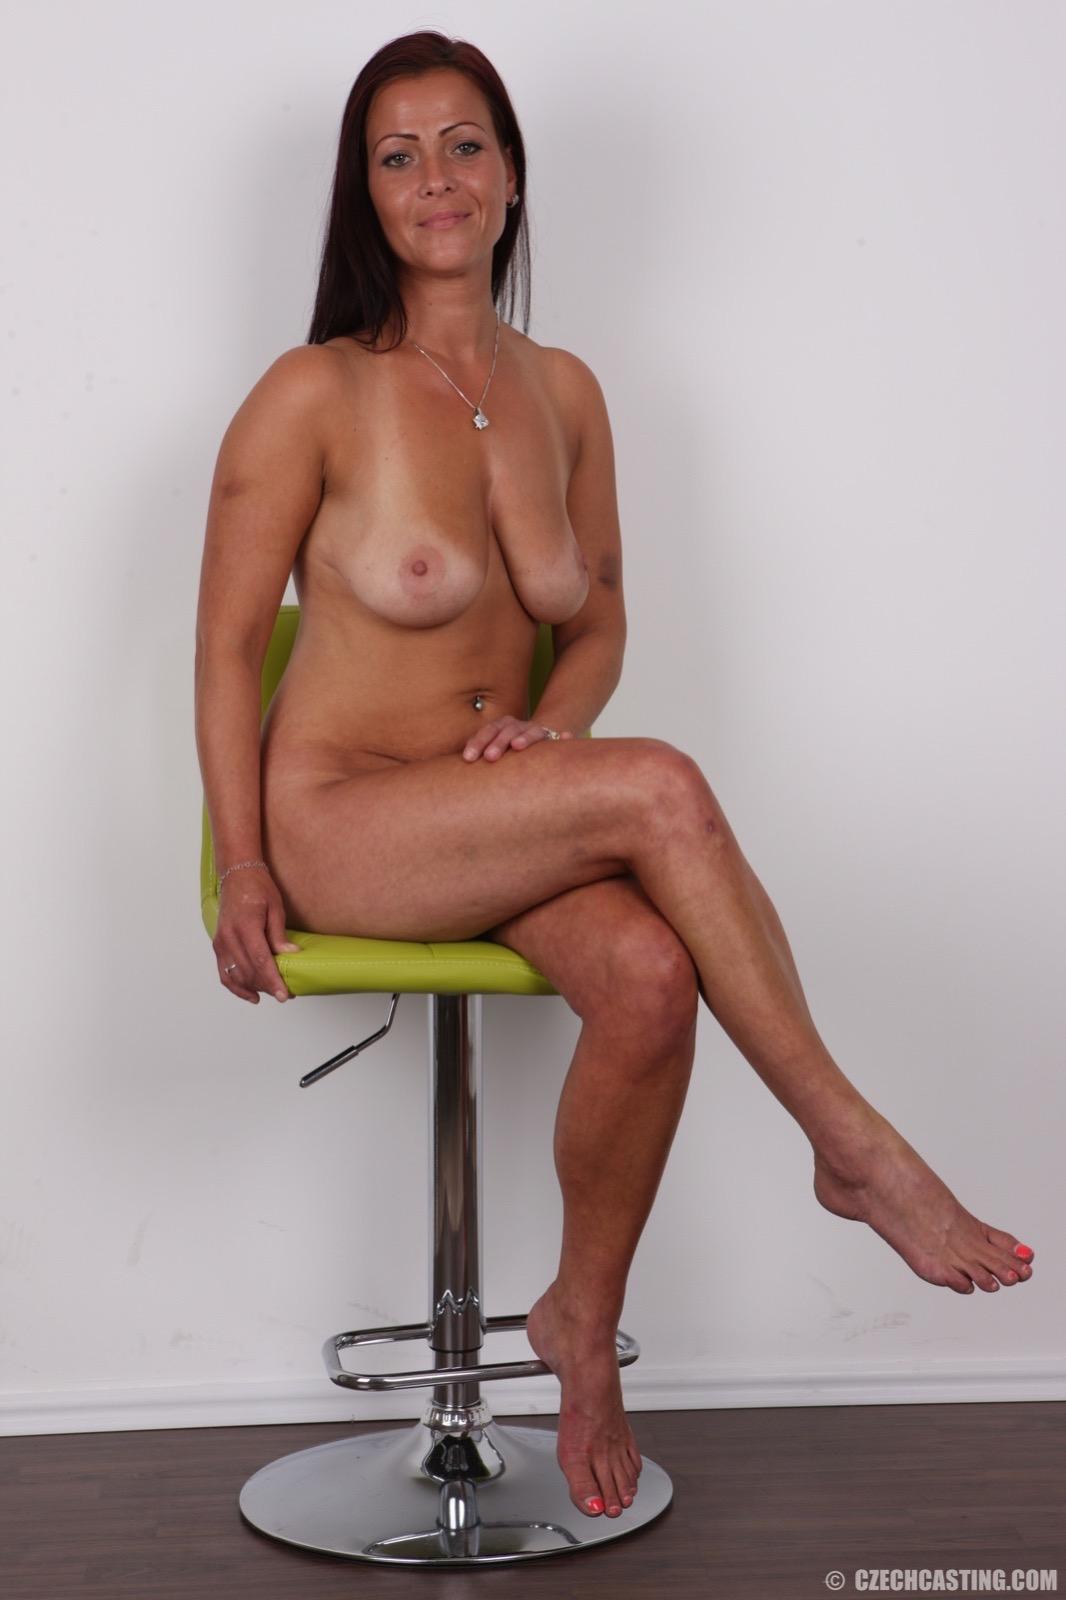 Naked black girl pics